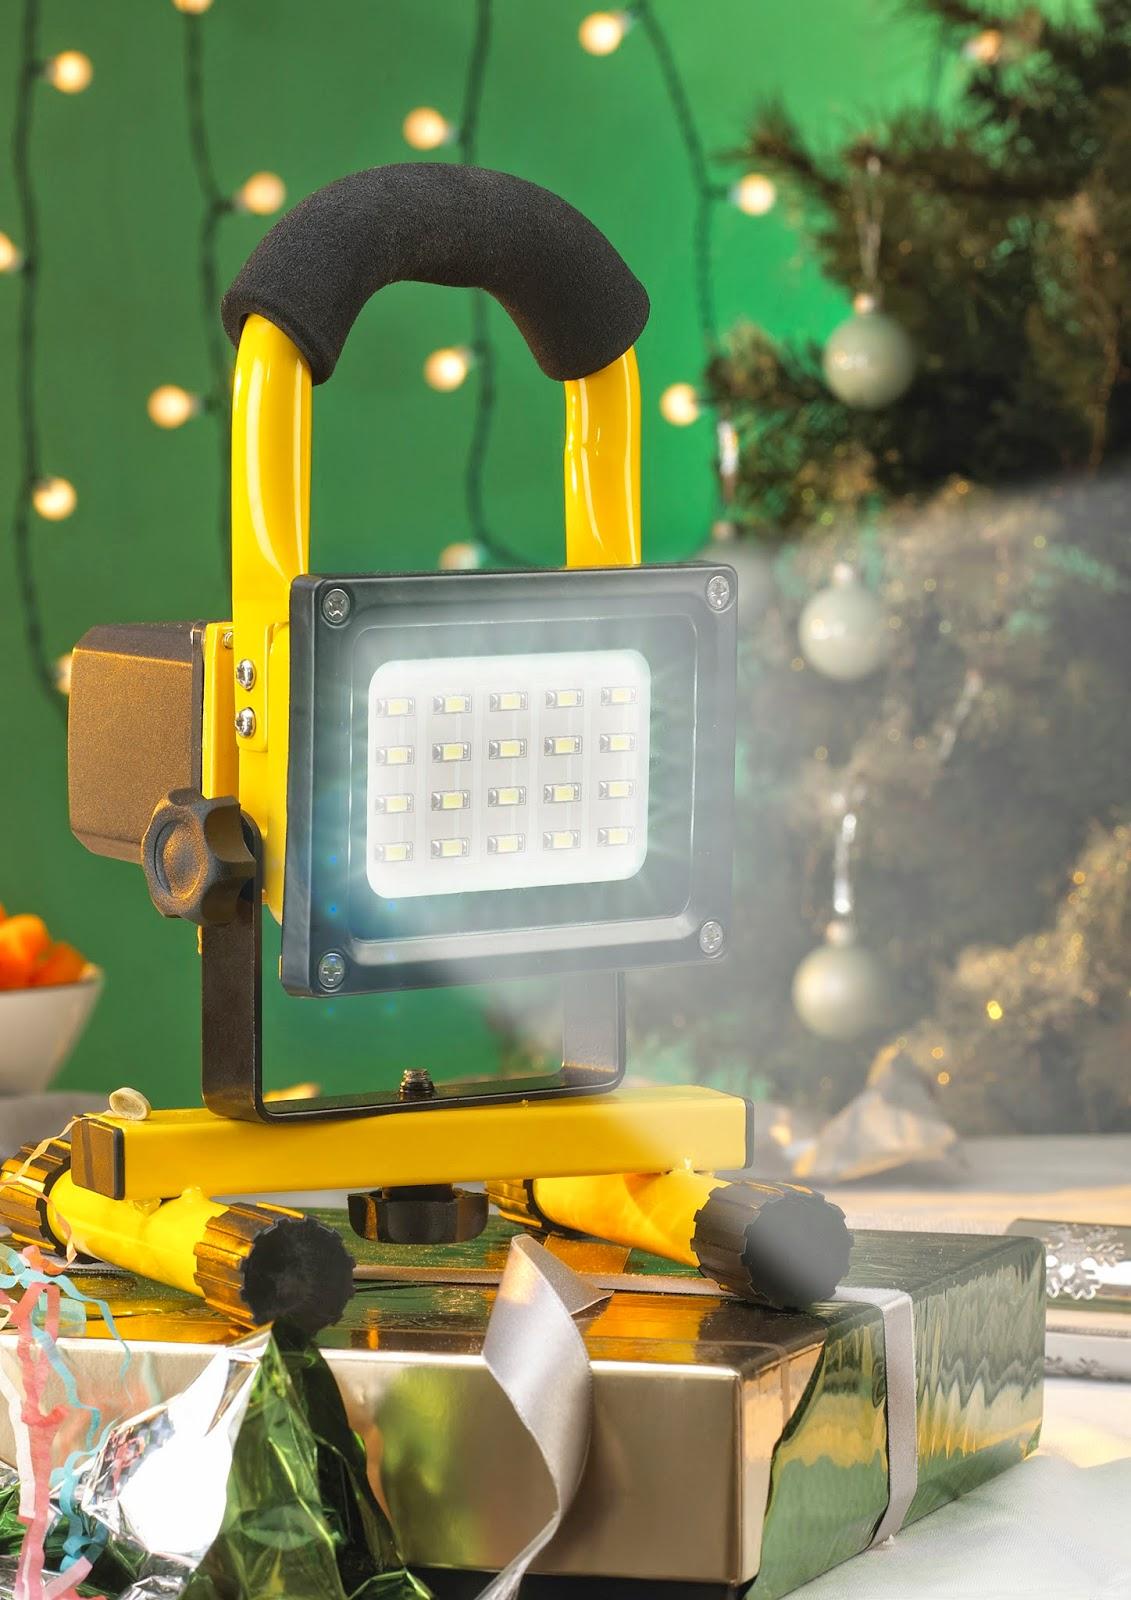 http://www.beesleyandfildes.co.uk/faithfull-re-chargeable-led-work-light-ref-xms14maxlite/